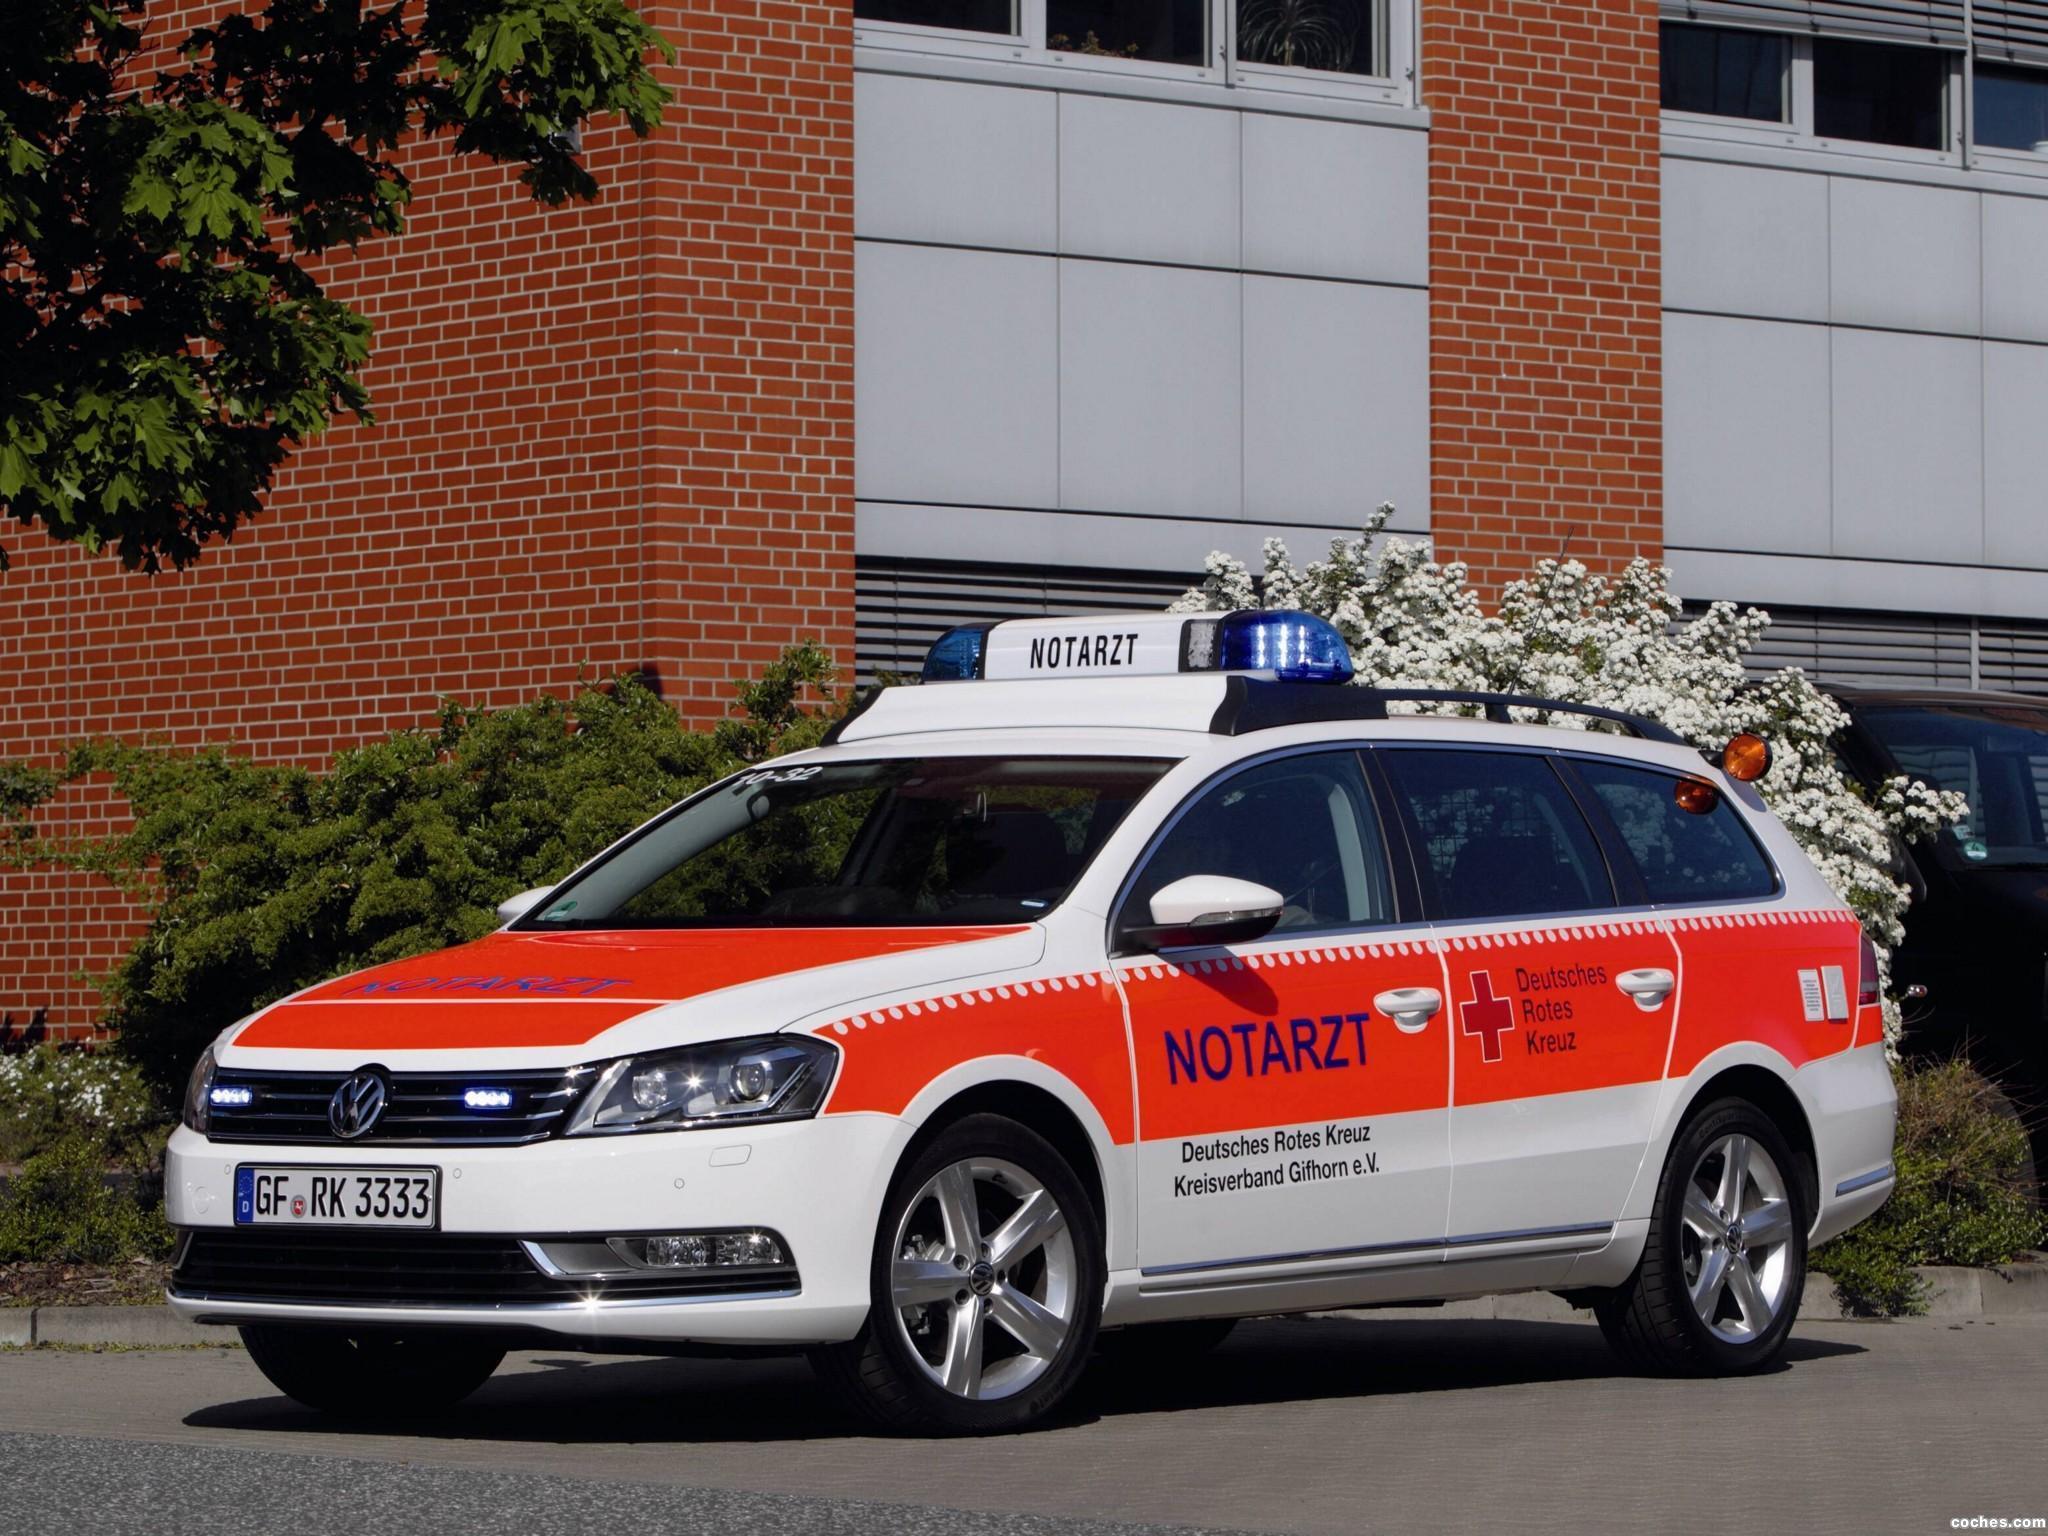 Foto 0 de Notarzt Volkswagen Passat Variant 2011